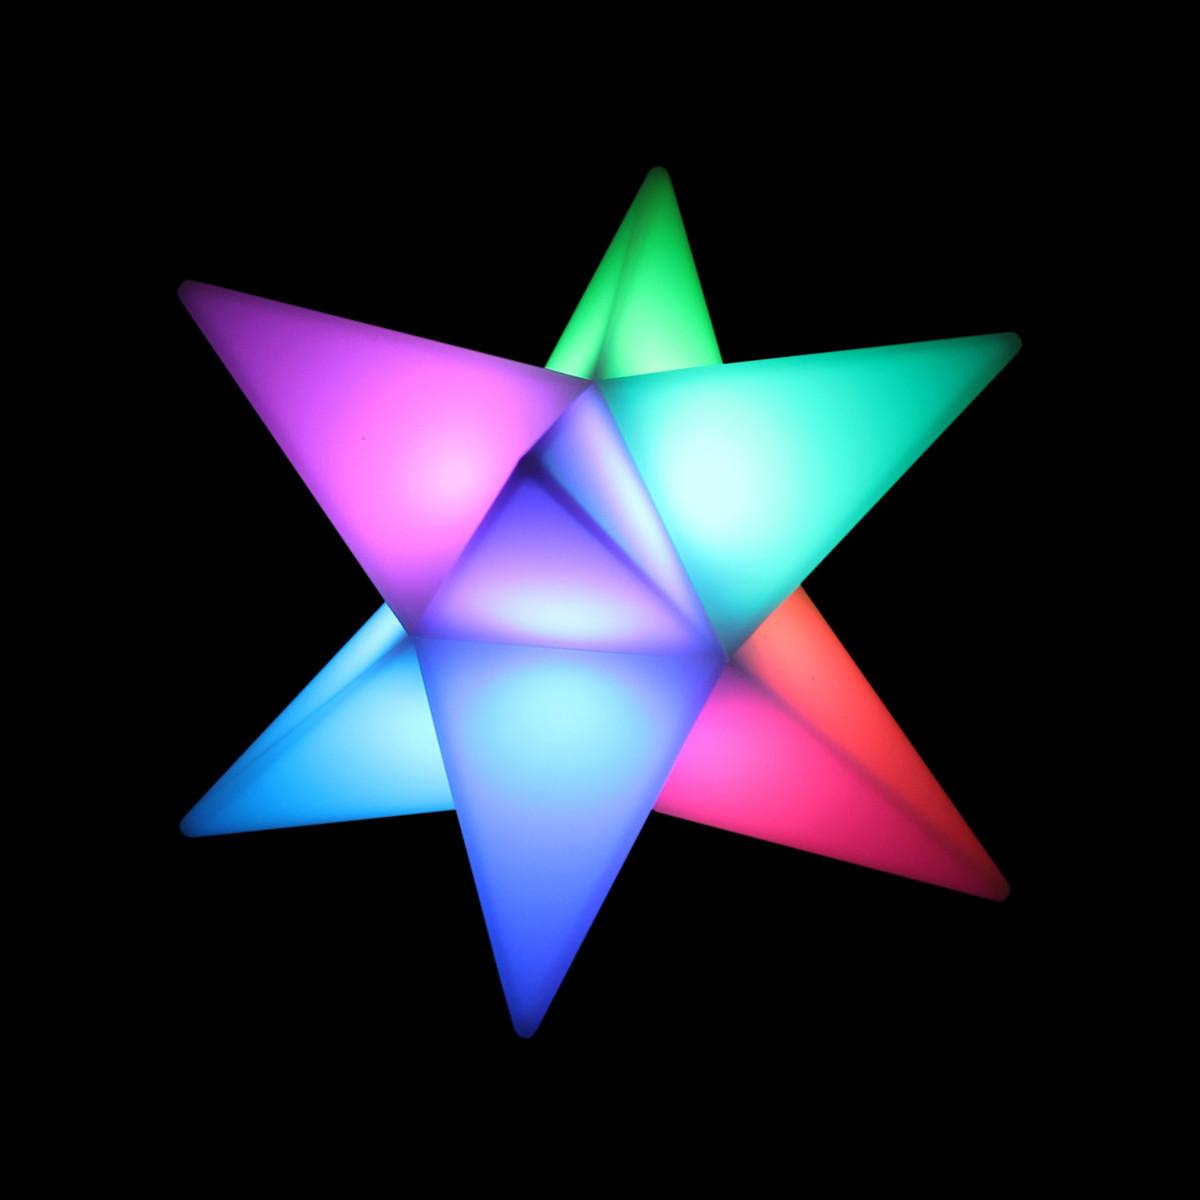 時間を忘れさせる「光の時計」|【在庫限り】EPORA | LEDの光で時を知らせ、部屋のインテリアにもなる。時間を忘れさせる時計